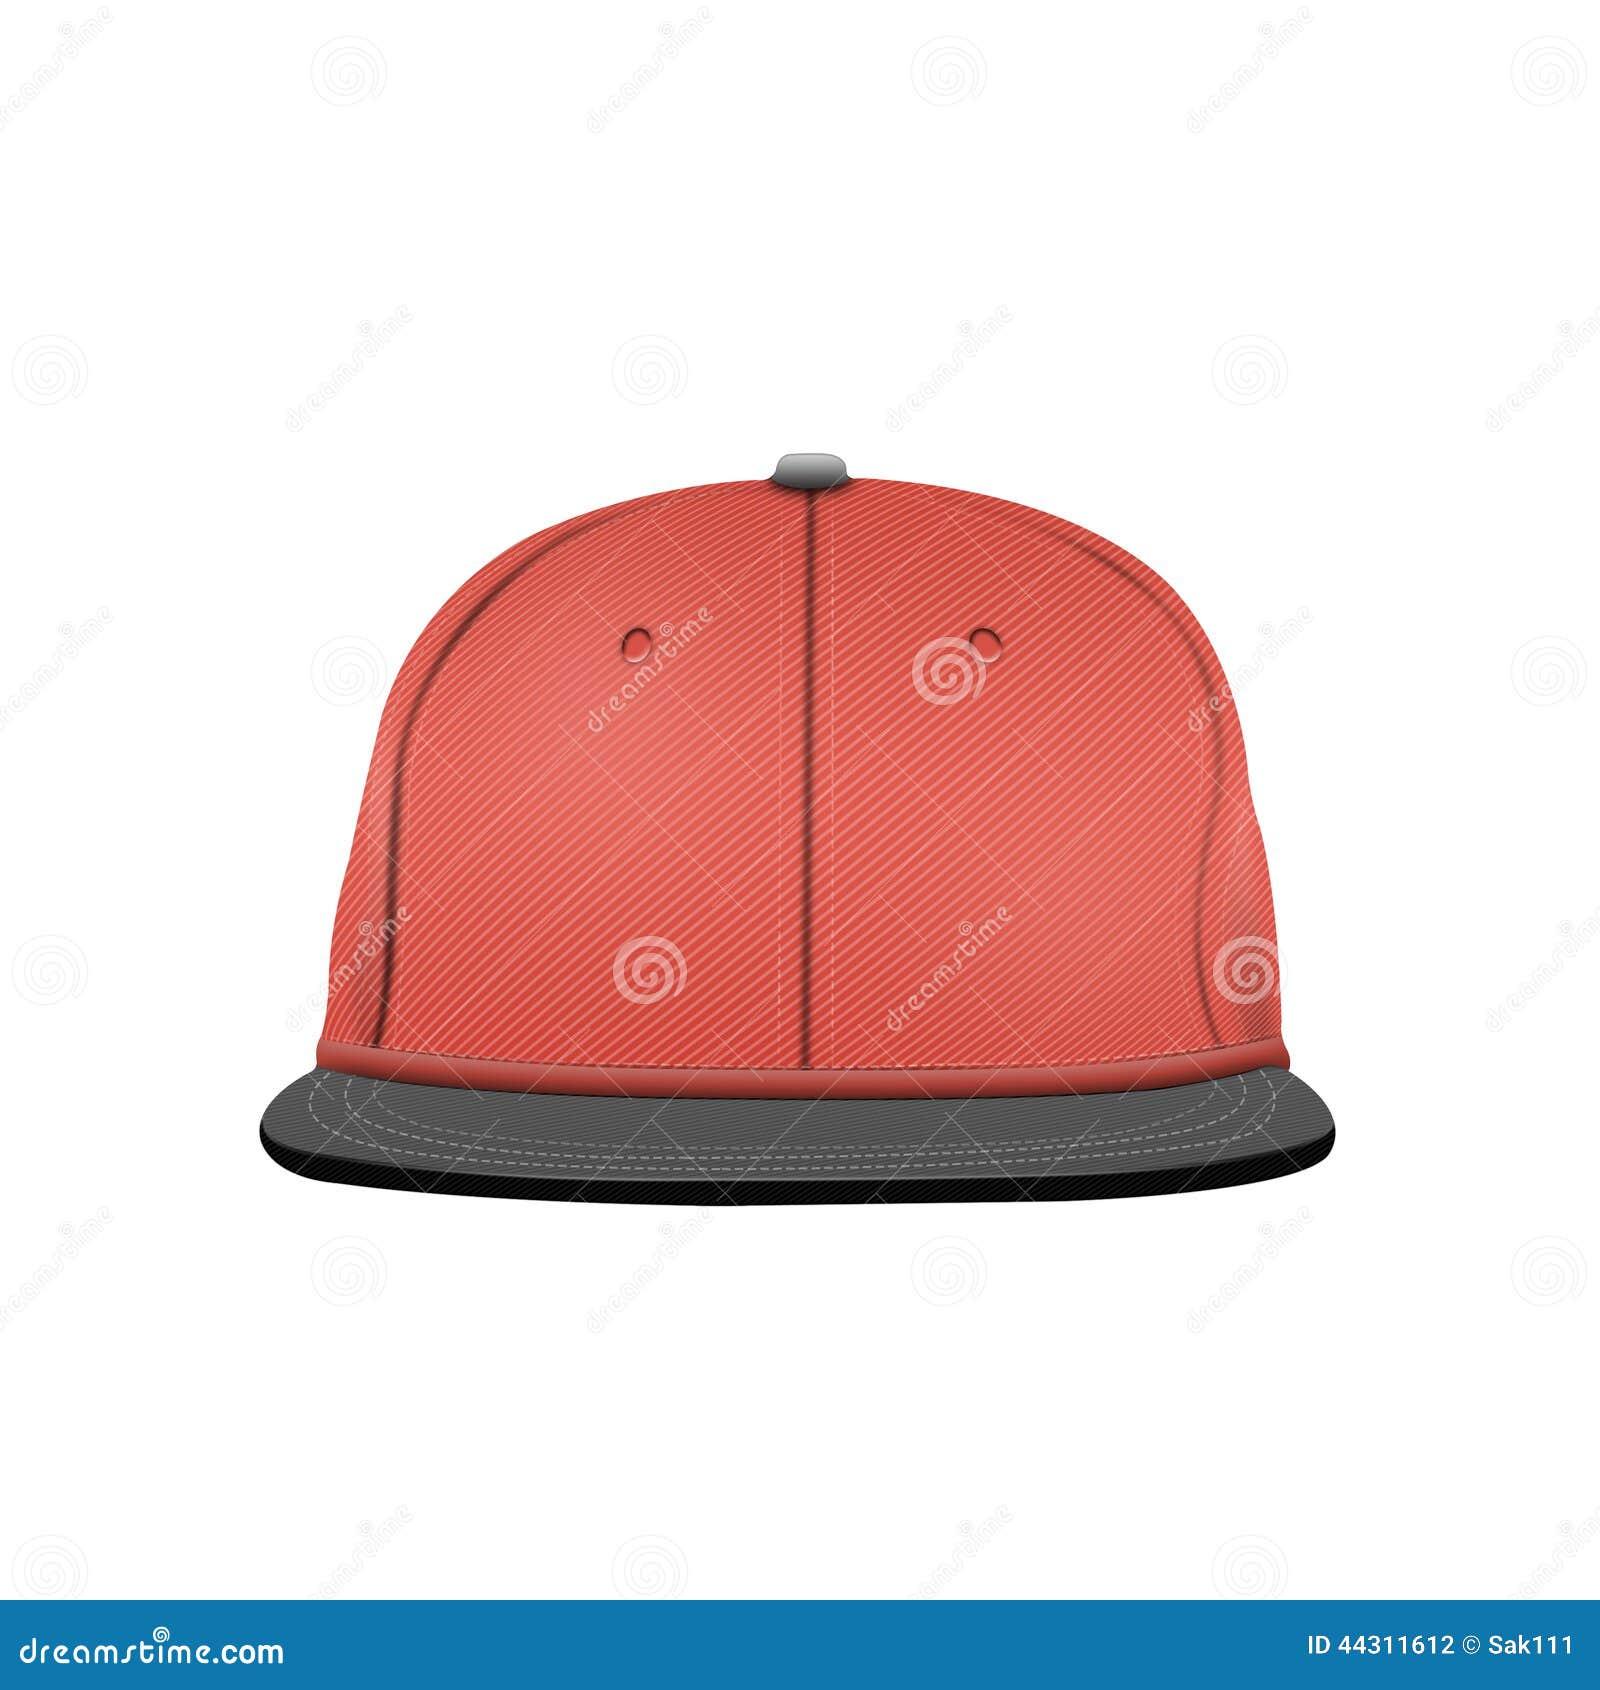 baseball cap template on white background stock illustration